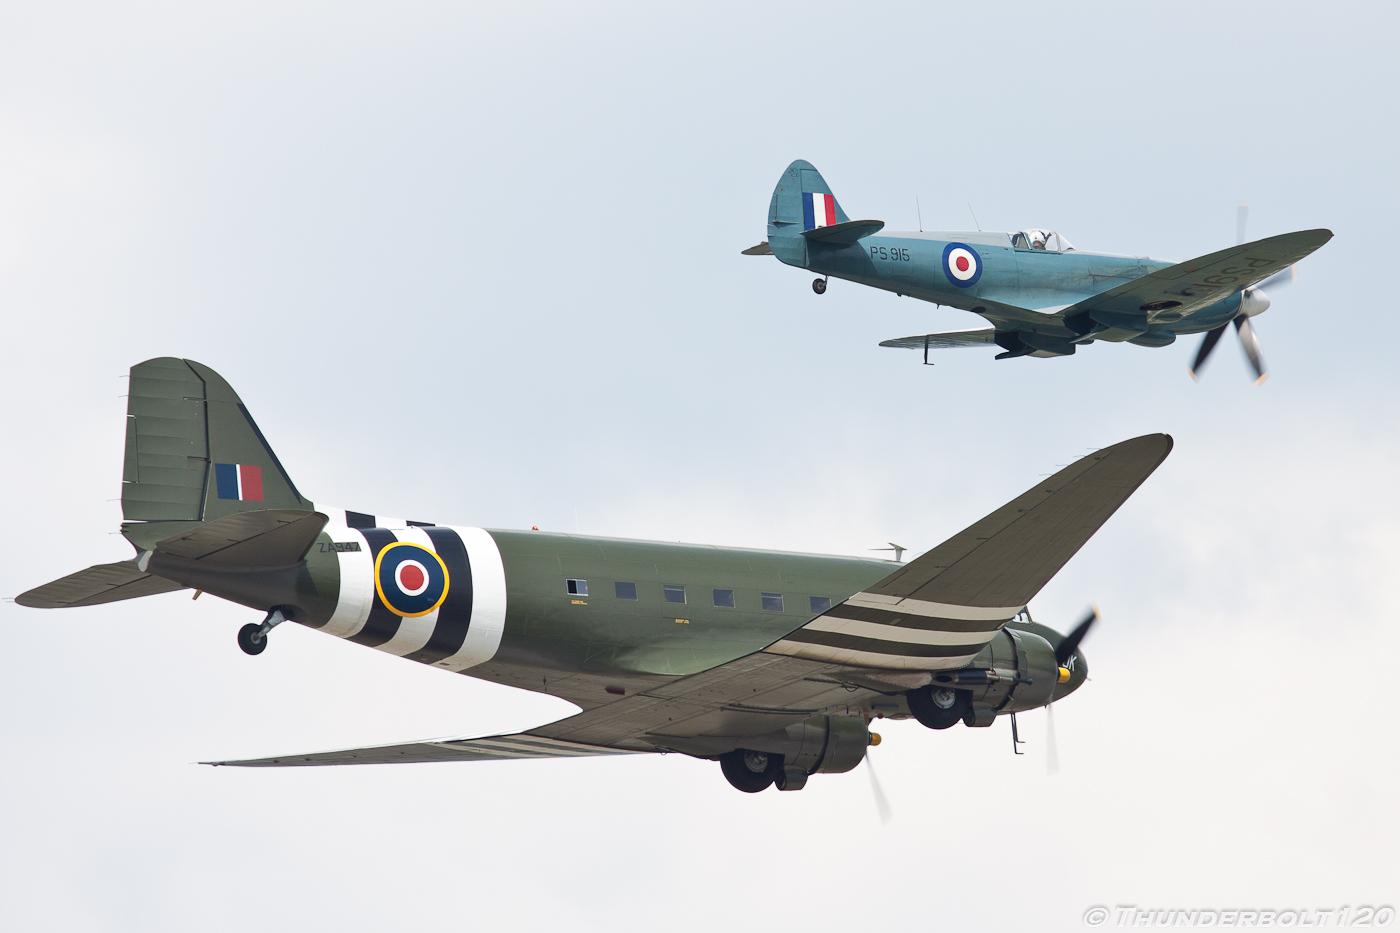 Dakota and Spitfire